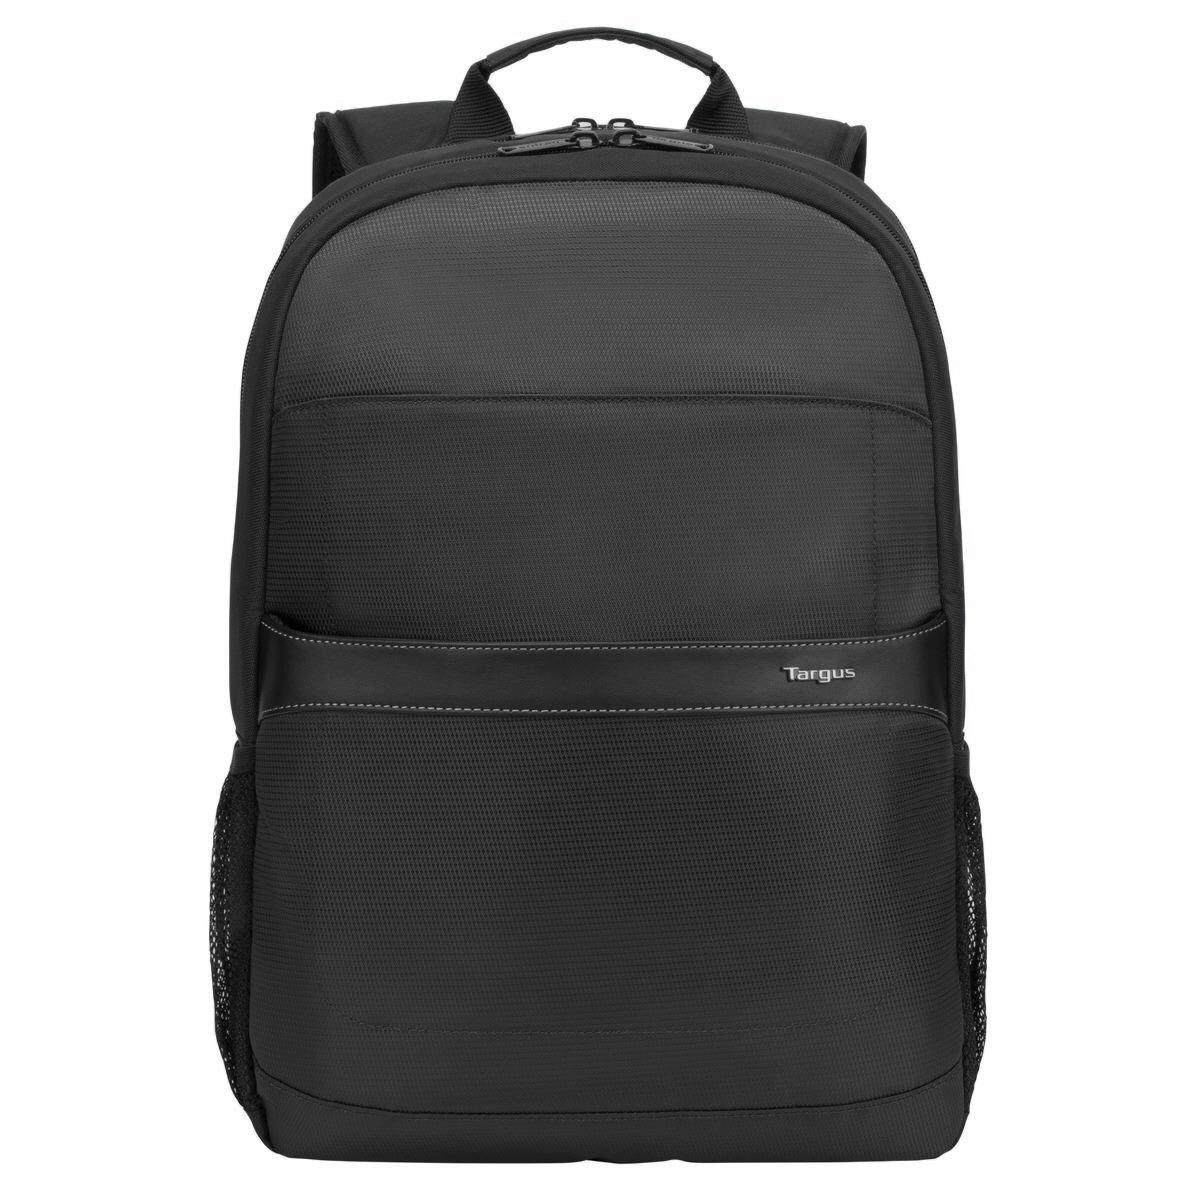 타거스 노트북가방 TSB96201GL-B, 블랙